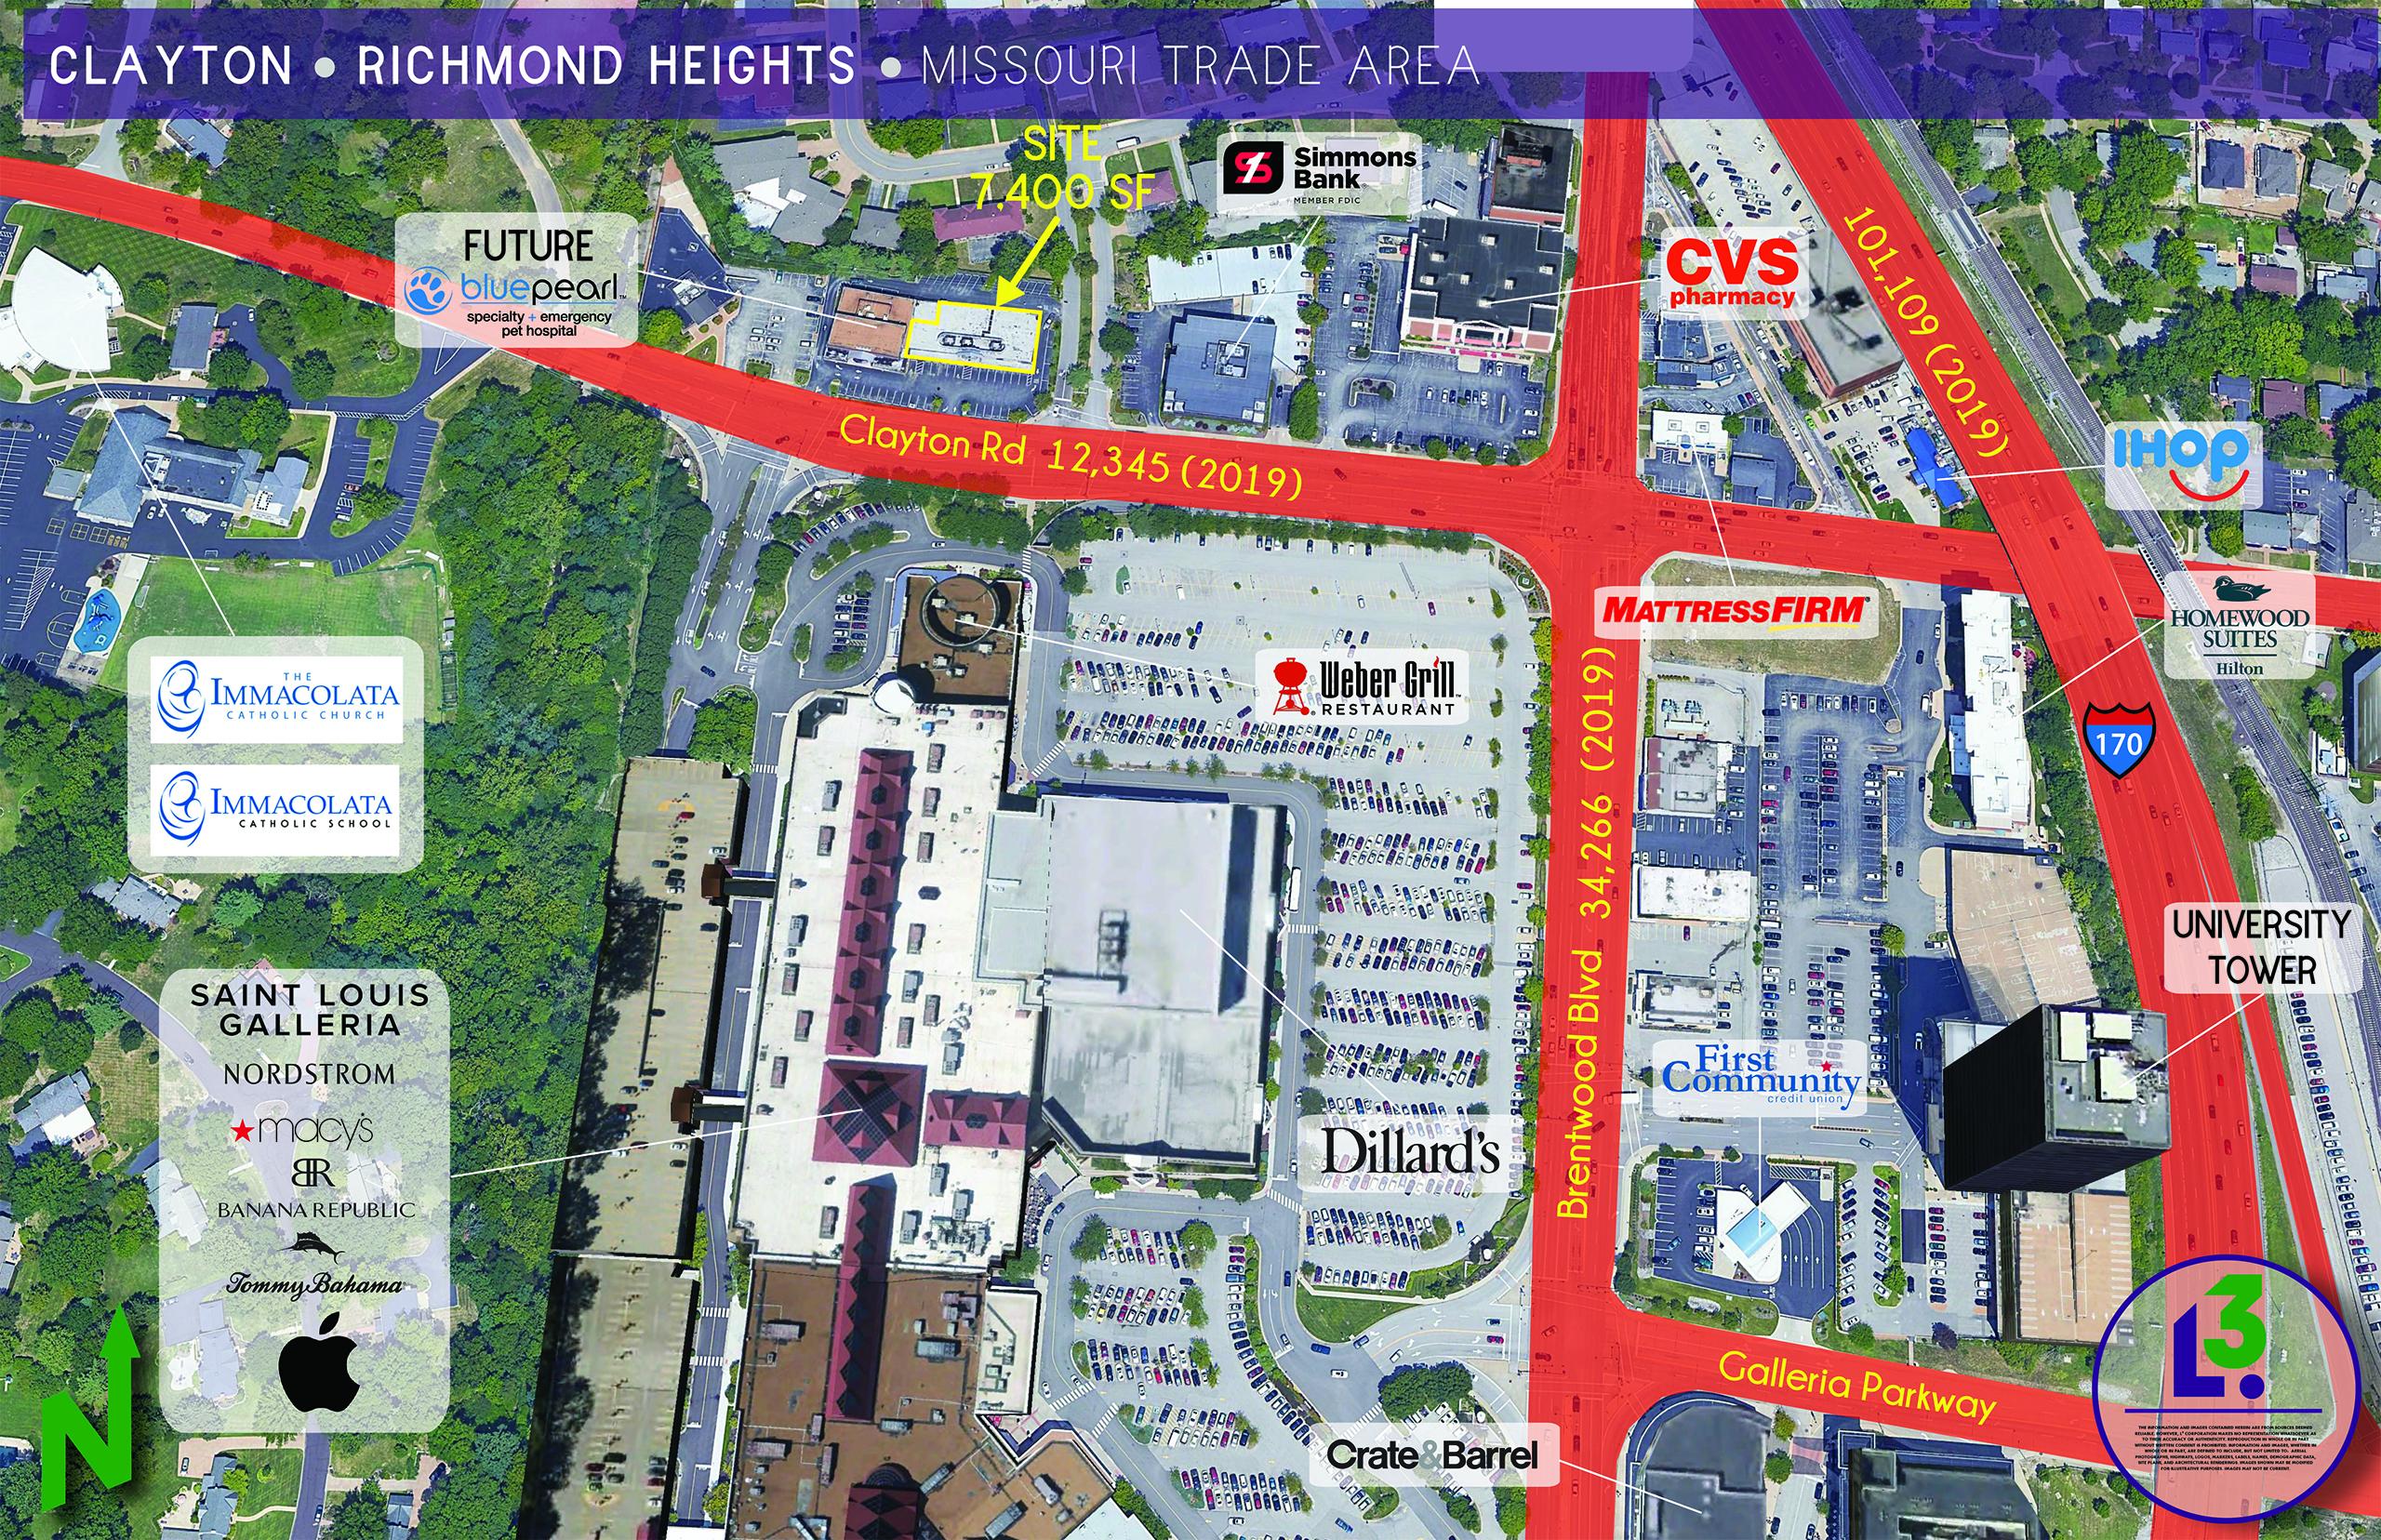 RICHMOND HEIGHTS/CLAYTON ZOOM